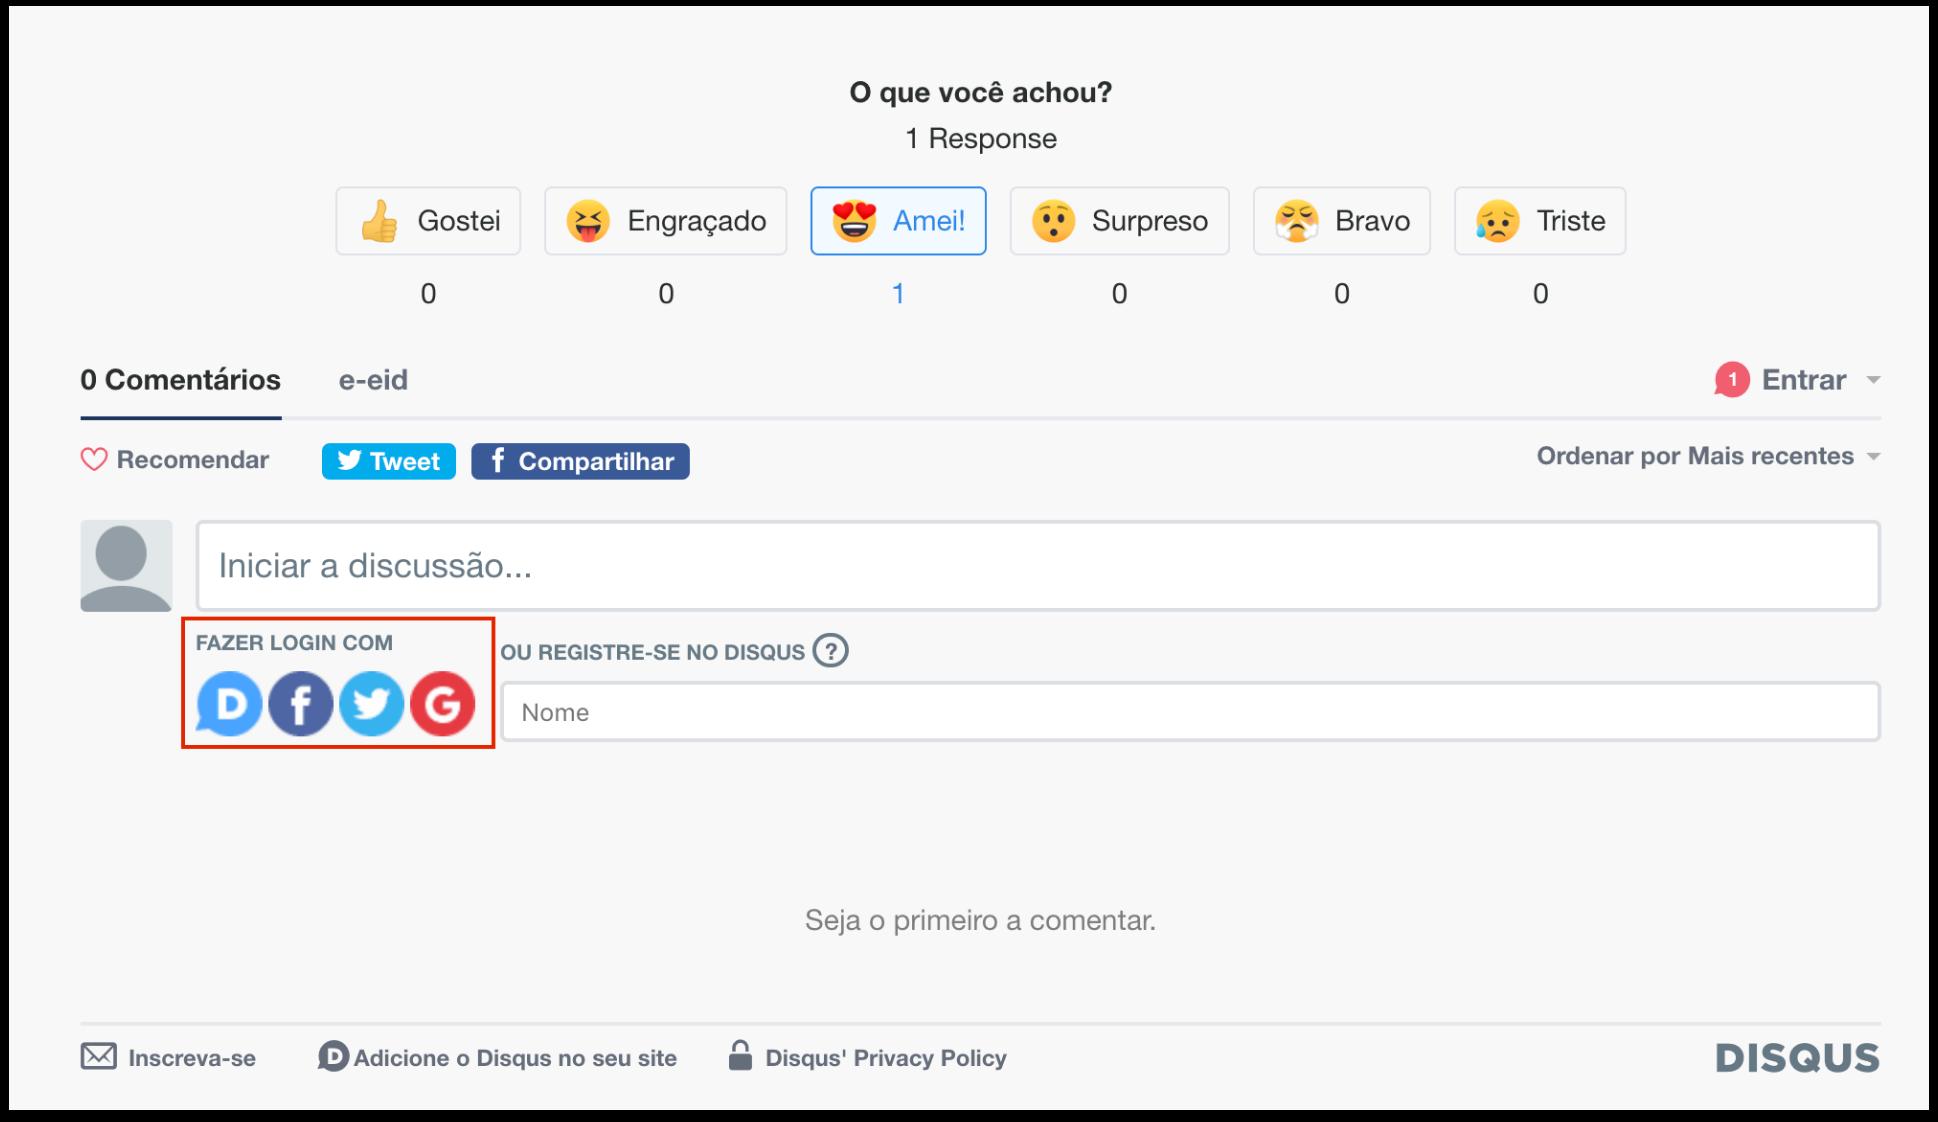 Imagem mostrando a área para fazer login com redes sociais